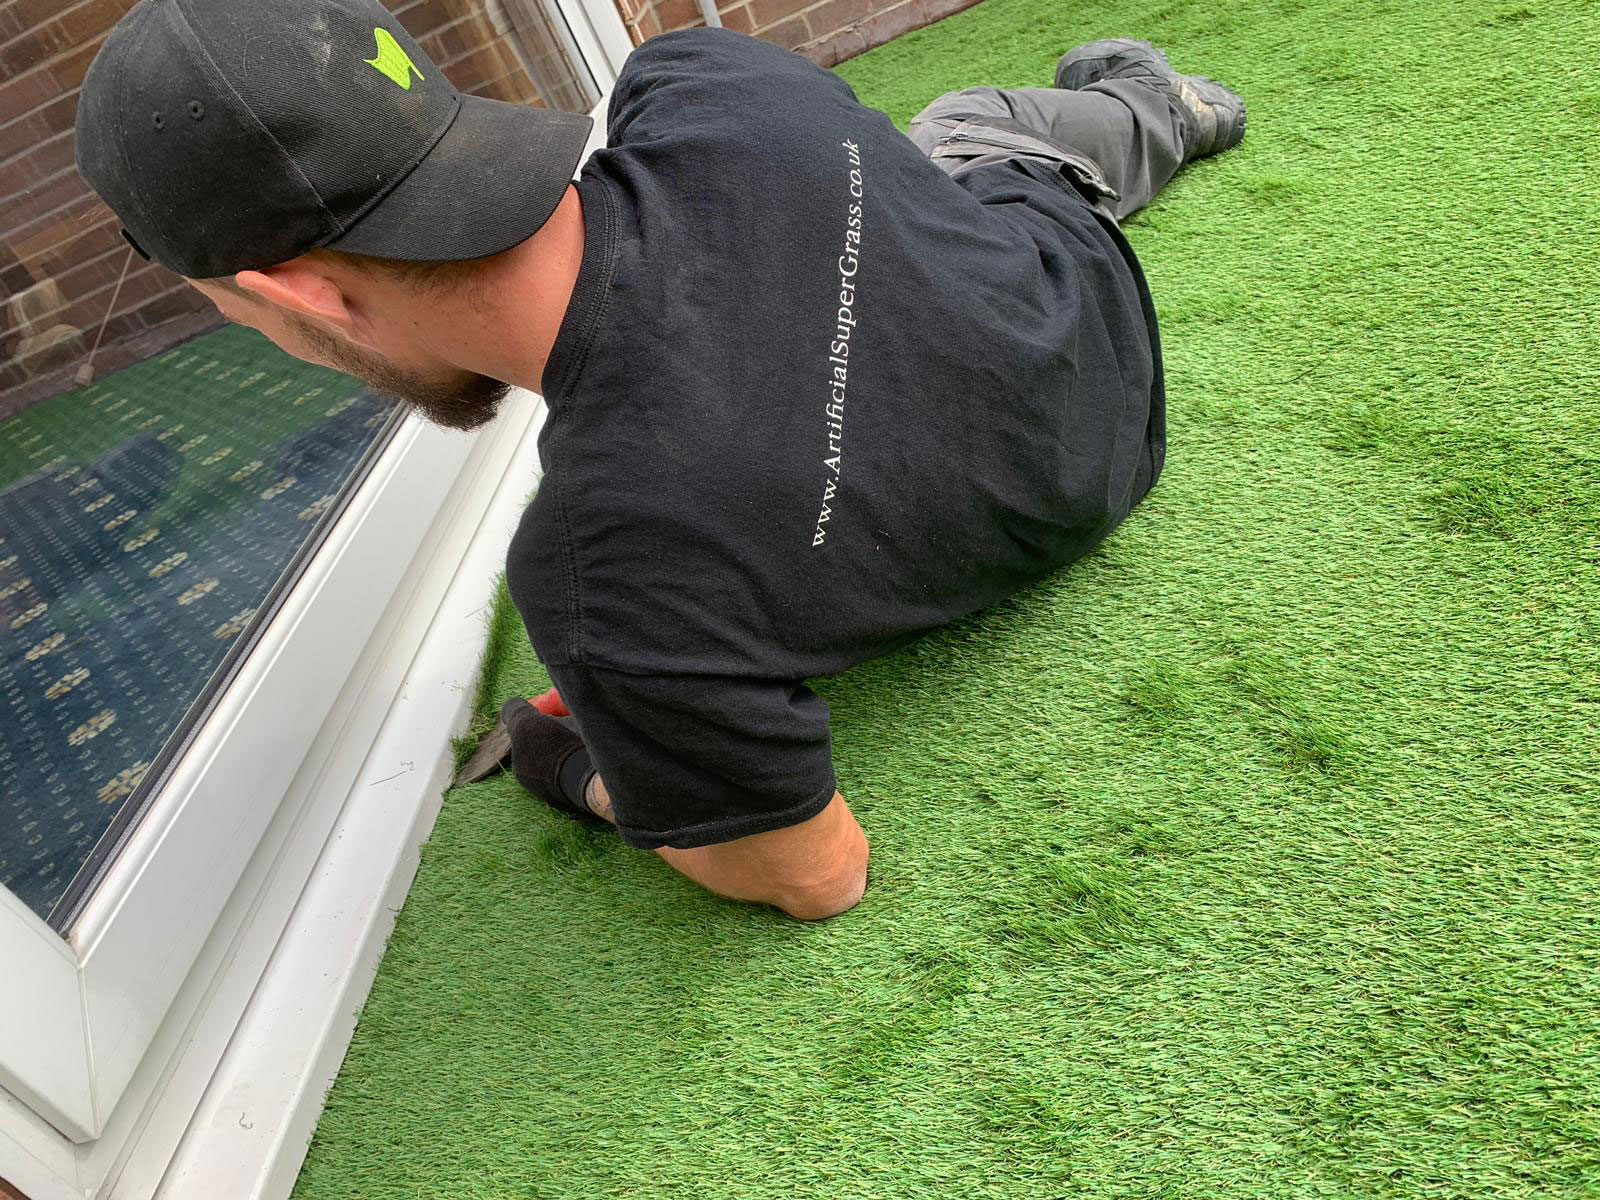 Astro Turf Shrewsbury Artificial Super Grass